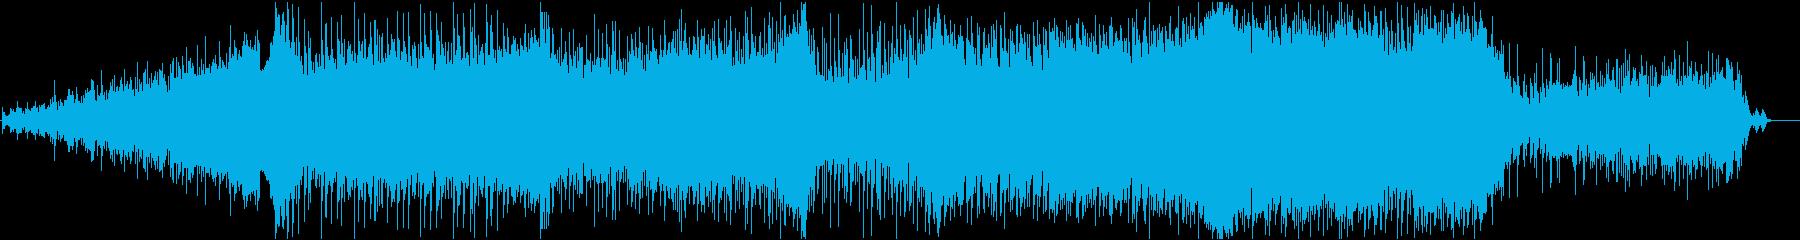 シンセとオーケストラの壮大な映画的音楽の再生済みの波形